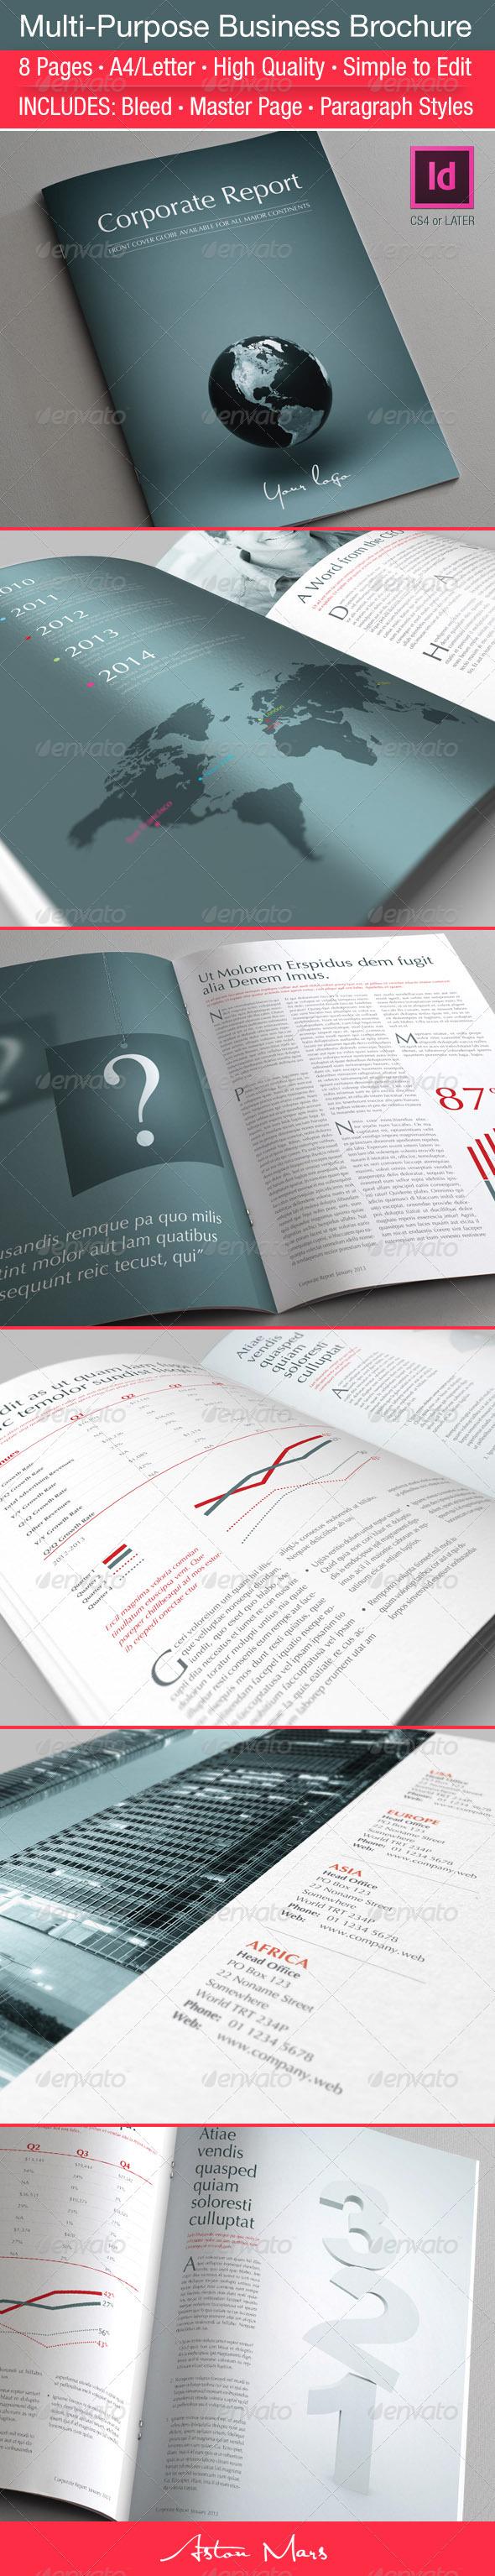 GraphicRiver Multi-Purpose Business Brochure 3719118